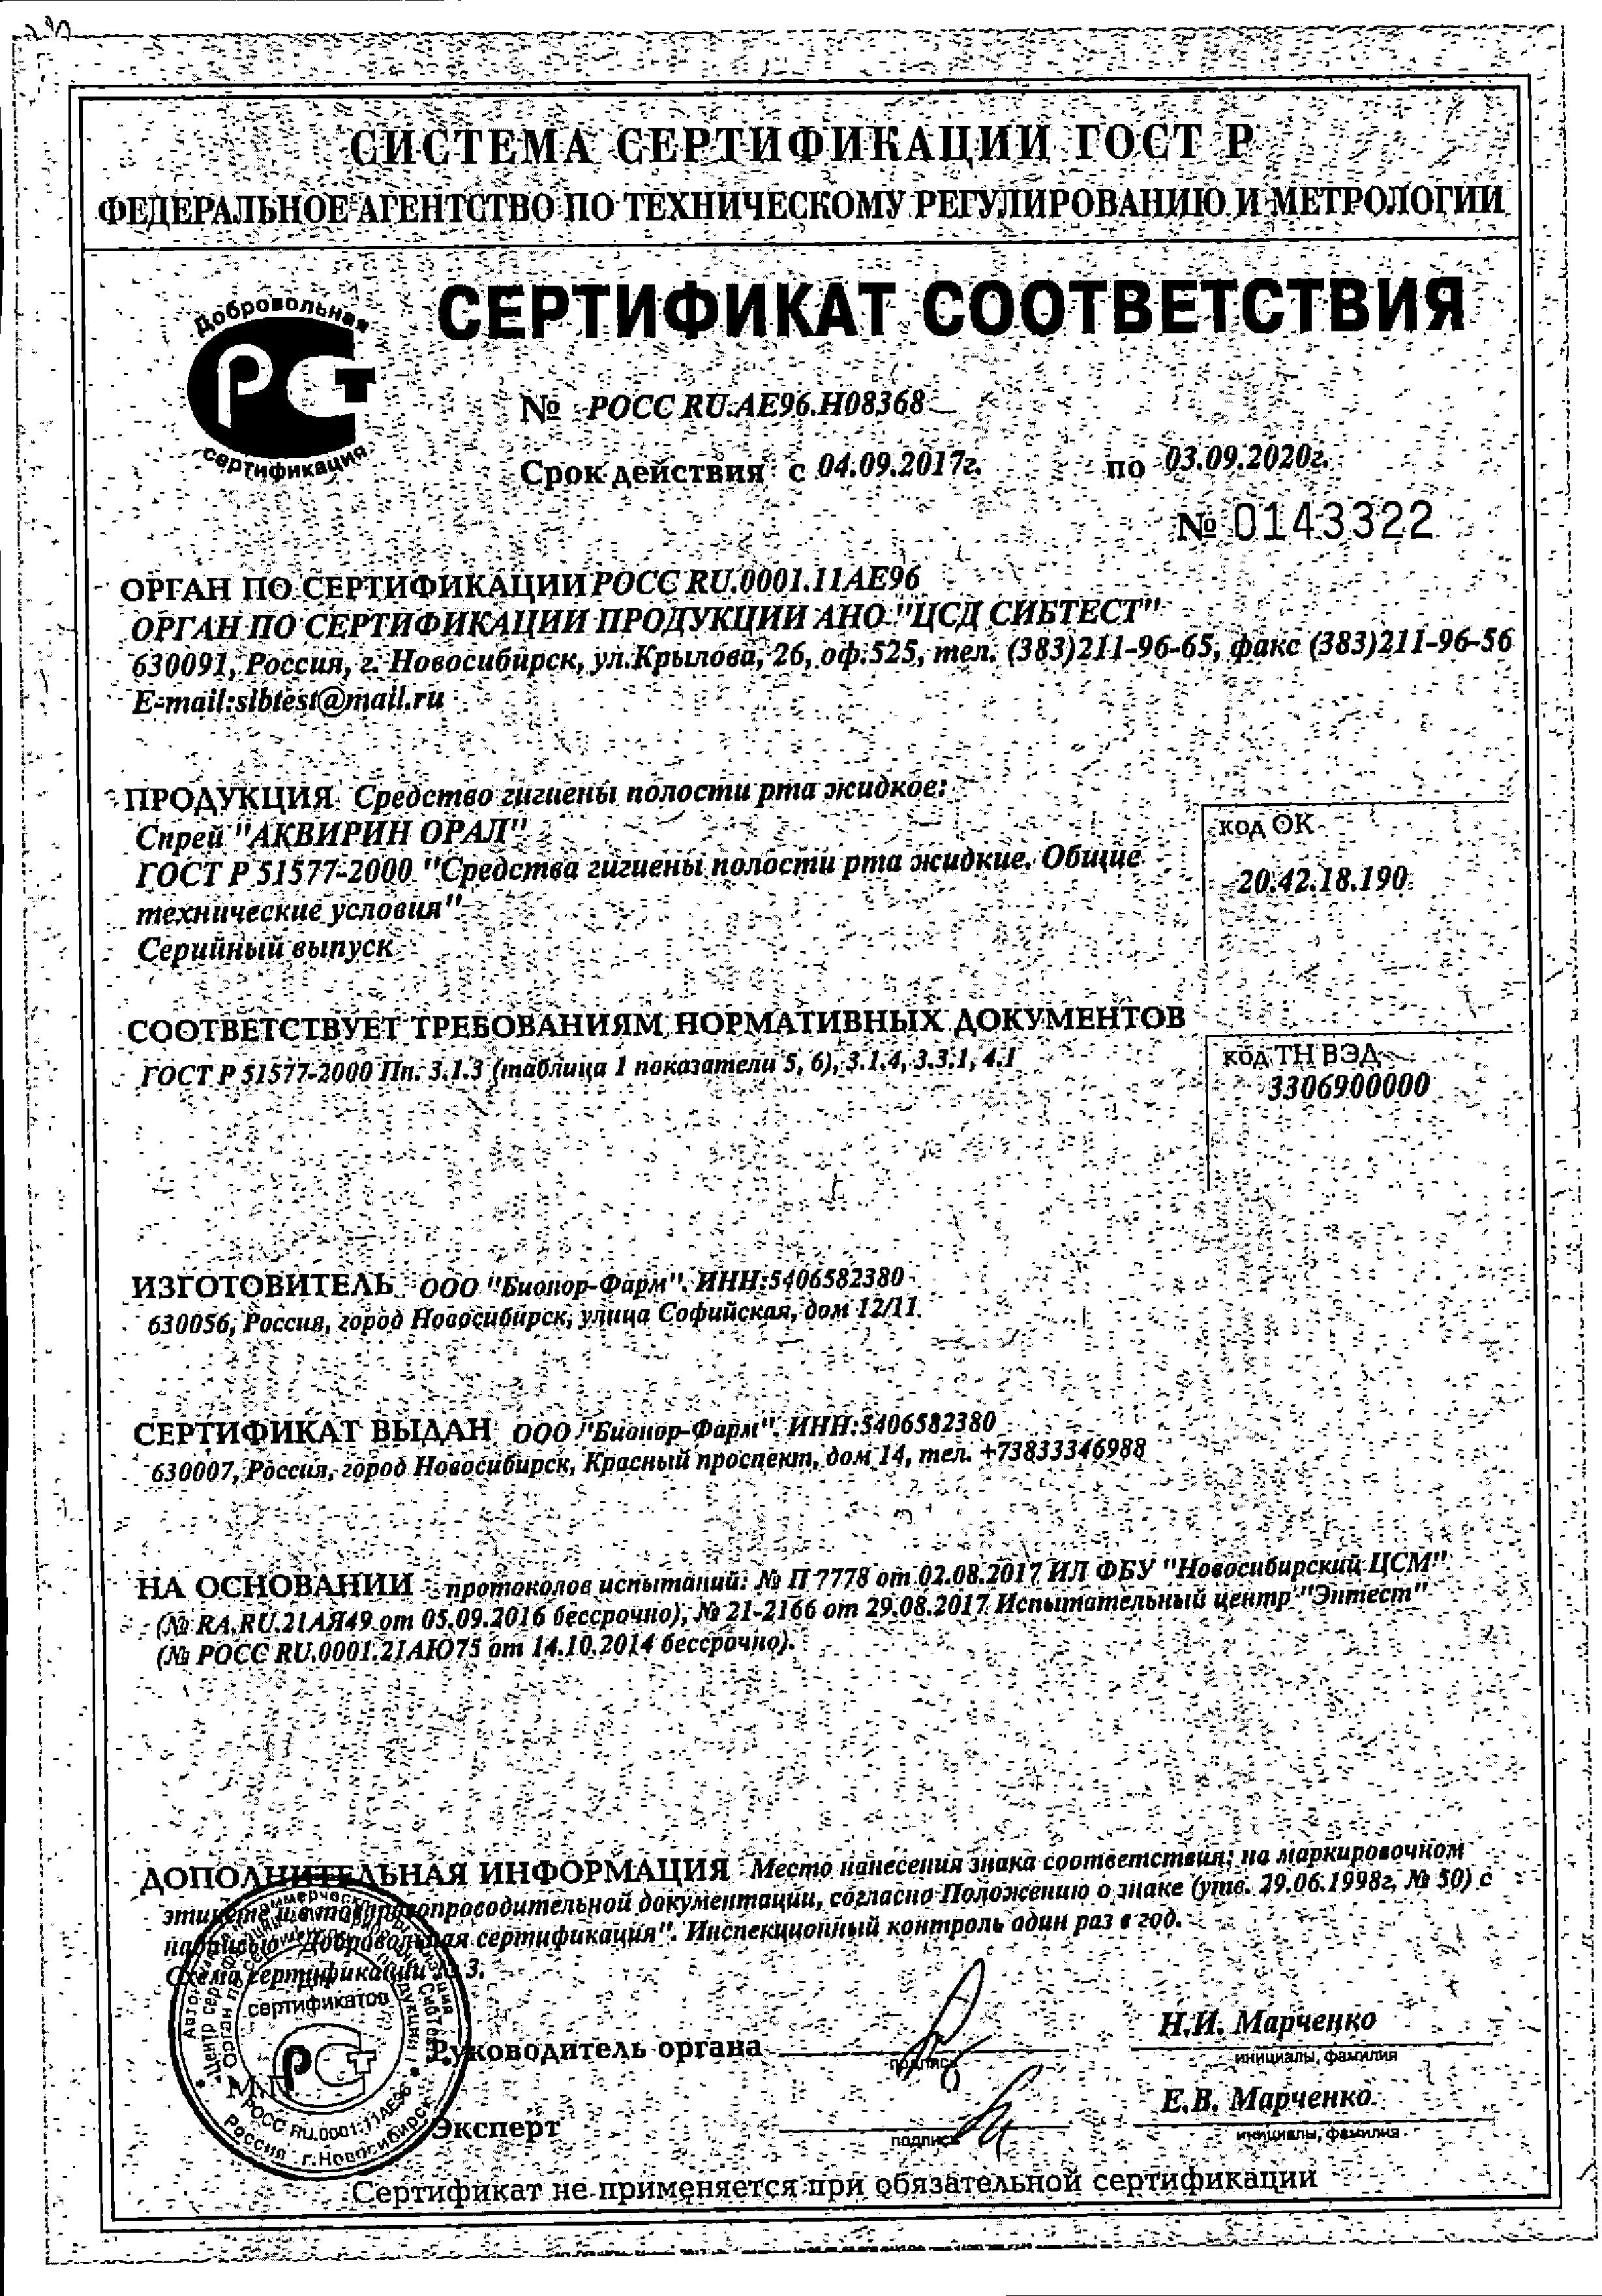 Аквирин орал сертификат